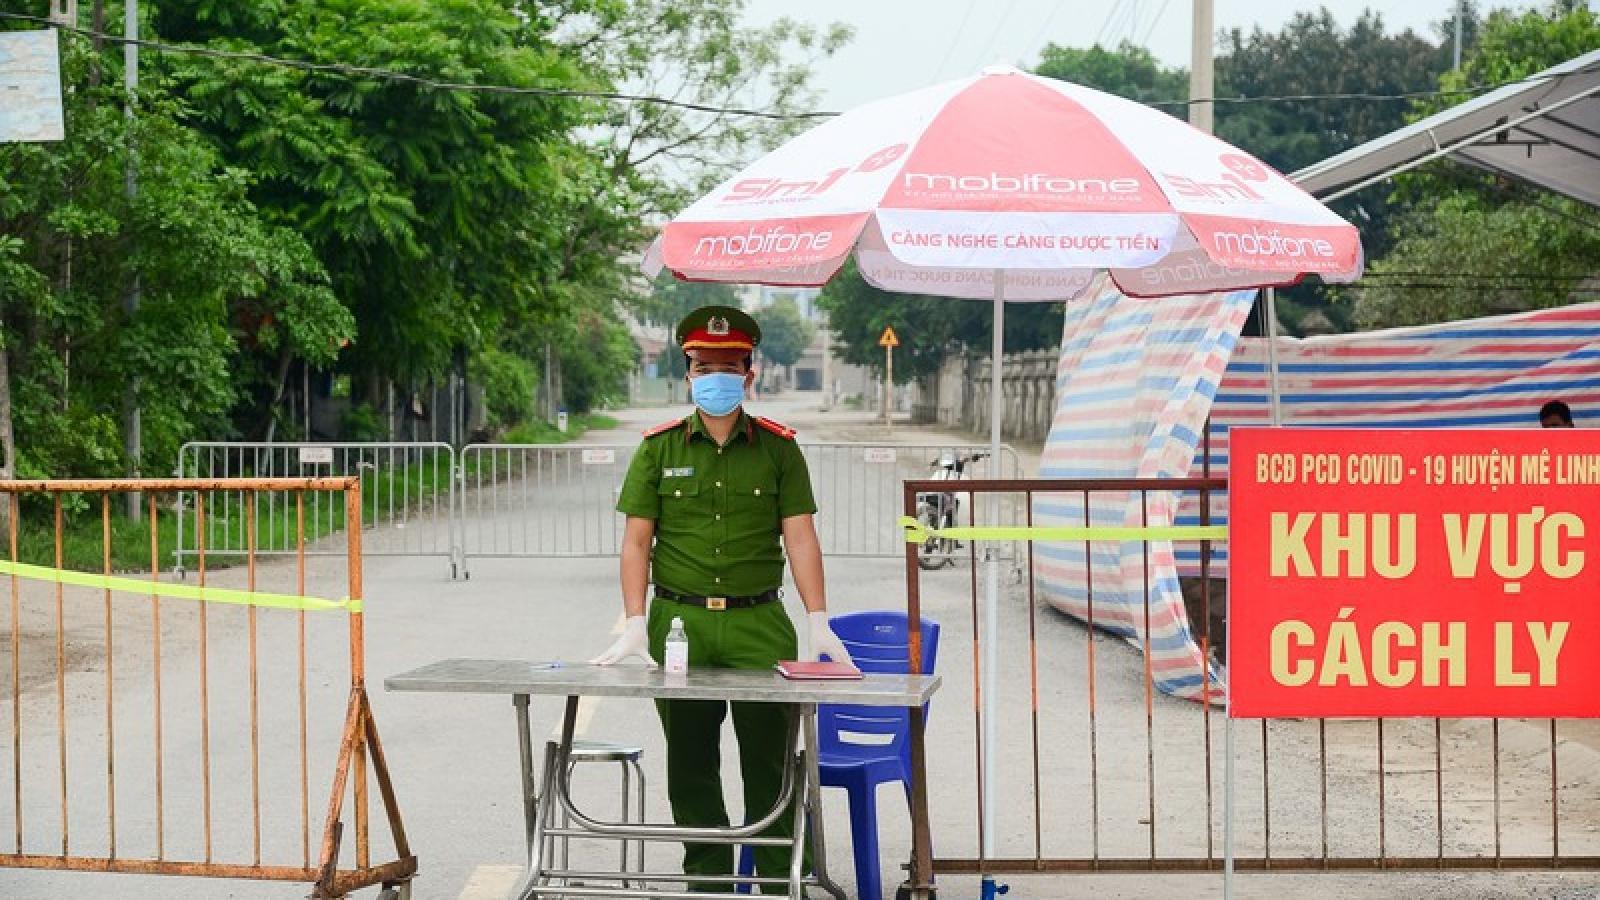 Ngày 5/5, ổ dịch Hạ Lôi ở Hà Nội đủ 28 ngày để dỡ bỏ phong tỏa